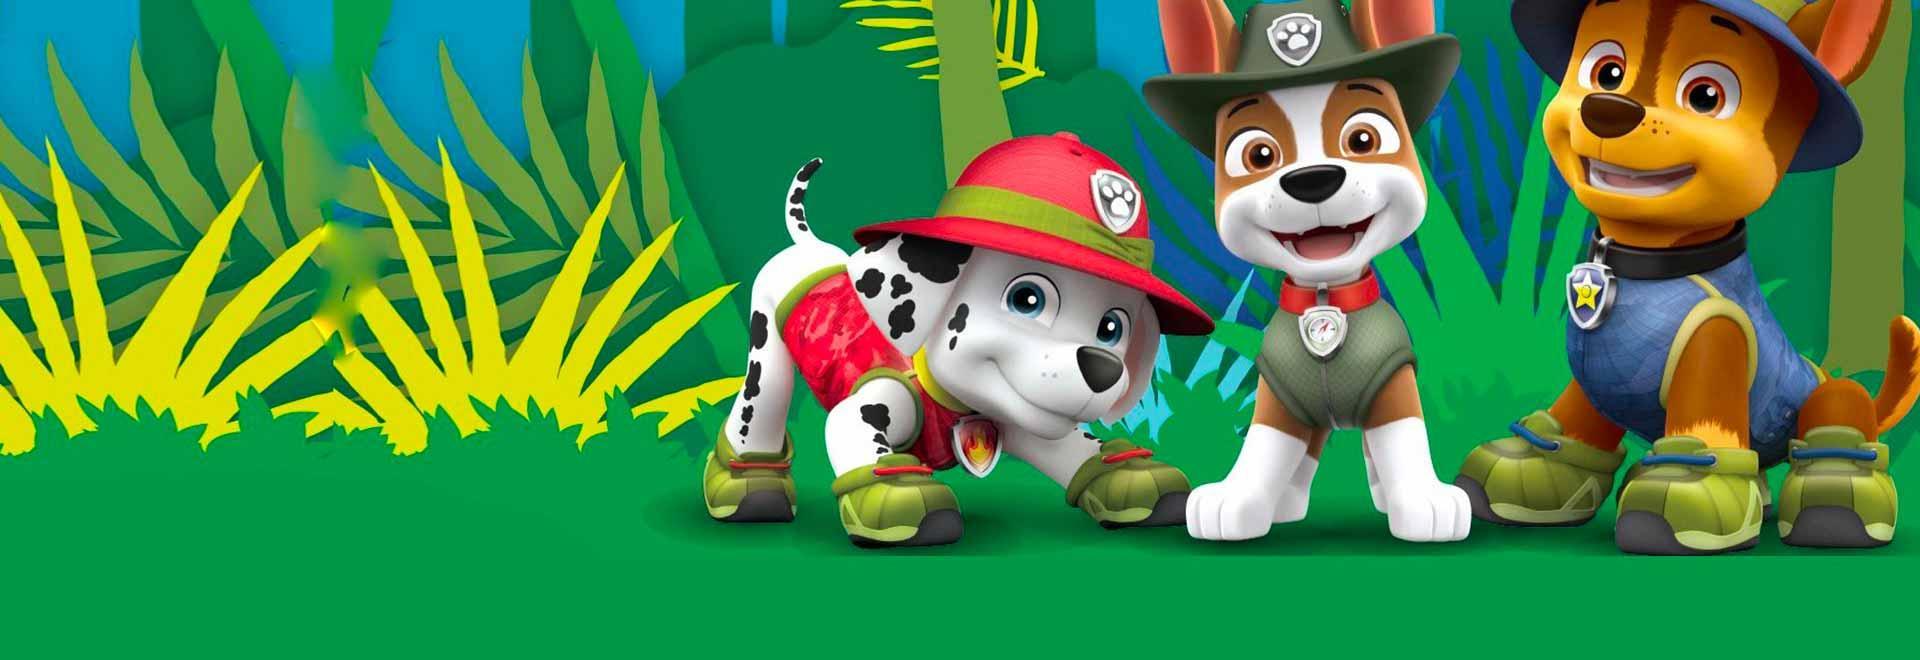 I cuccioli salvano Danny X / Il robo-cucciolo riparatore